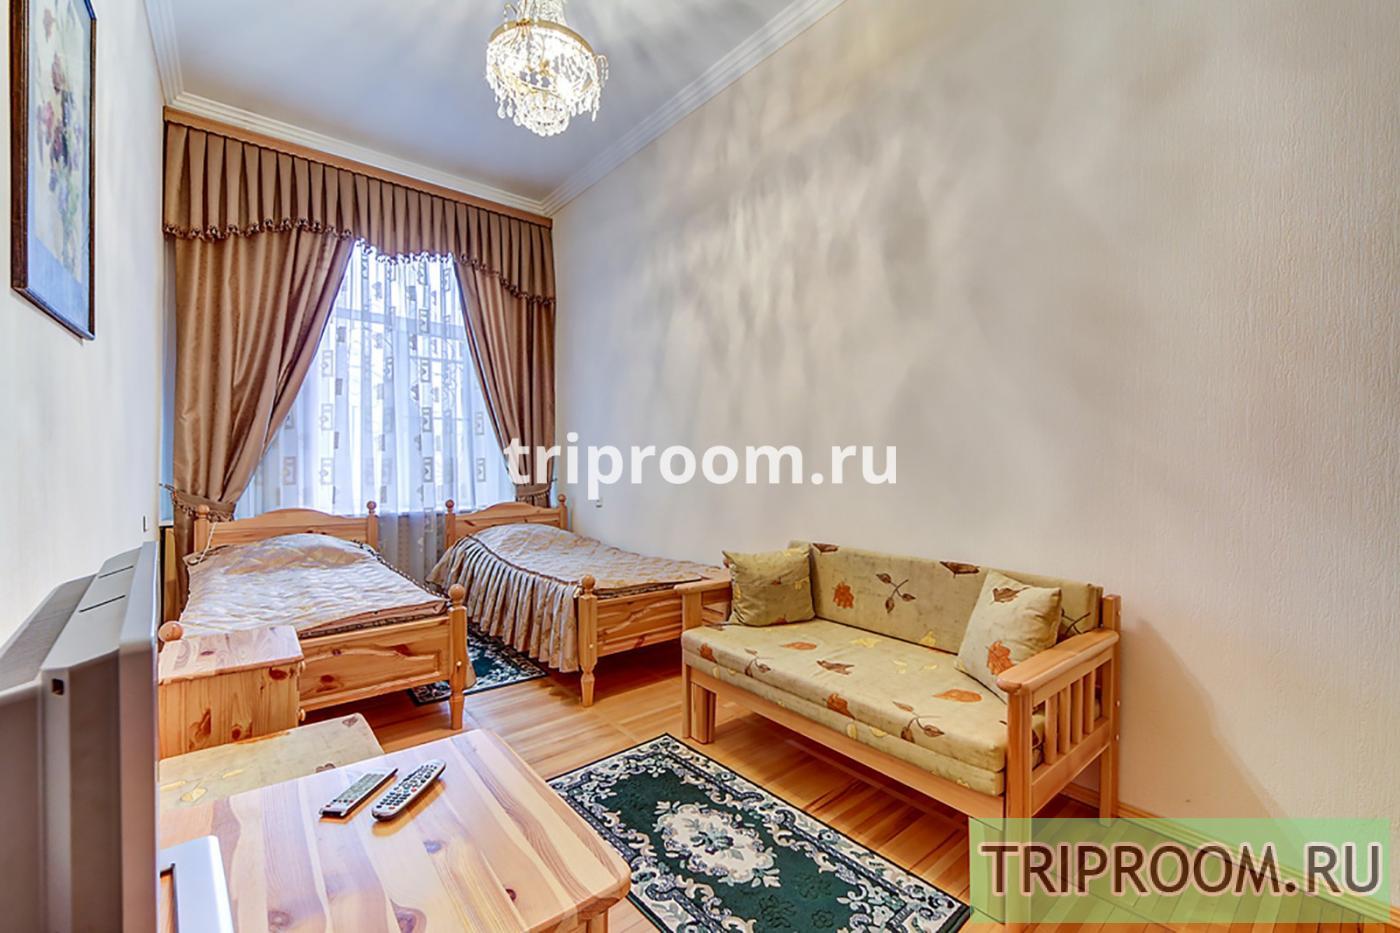 4-комнатная квартира посуточно (вариант № 20160), ул. Реки Мойки набережная, фото № 17